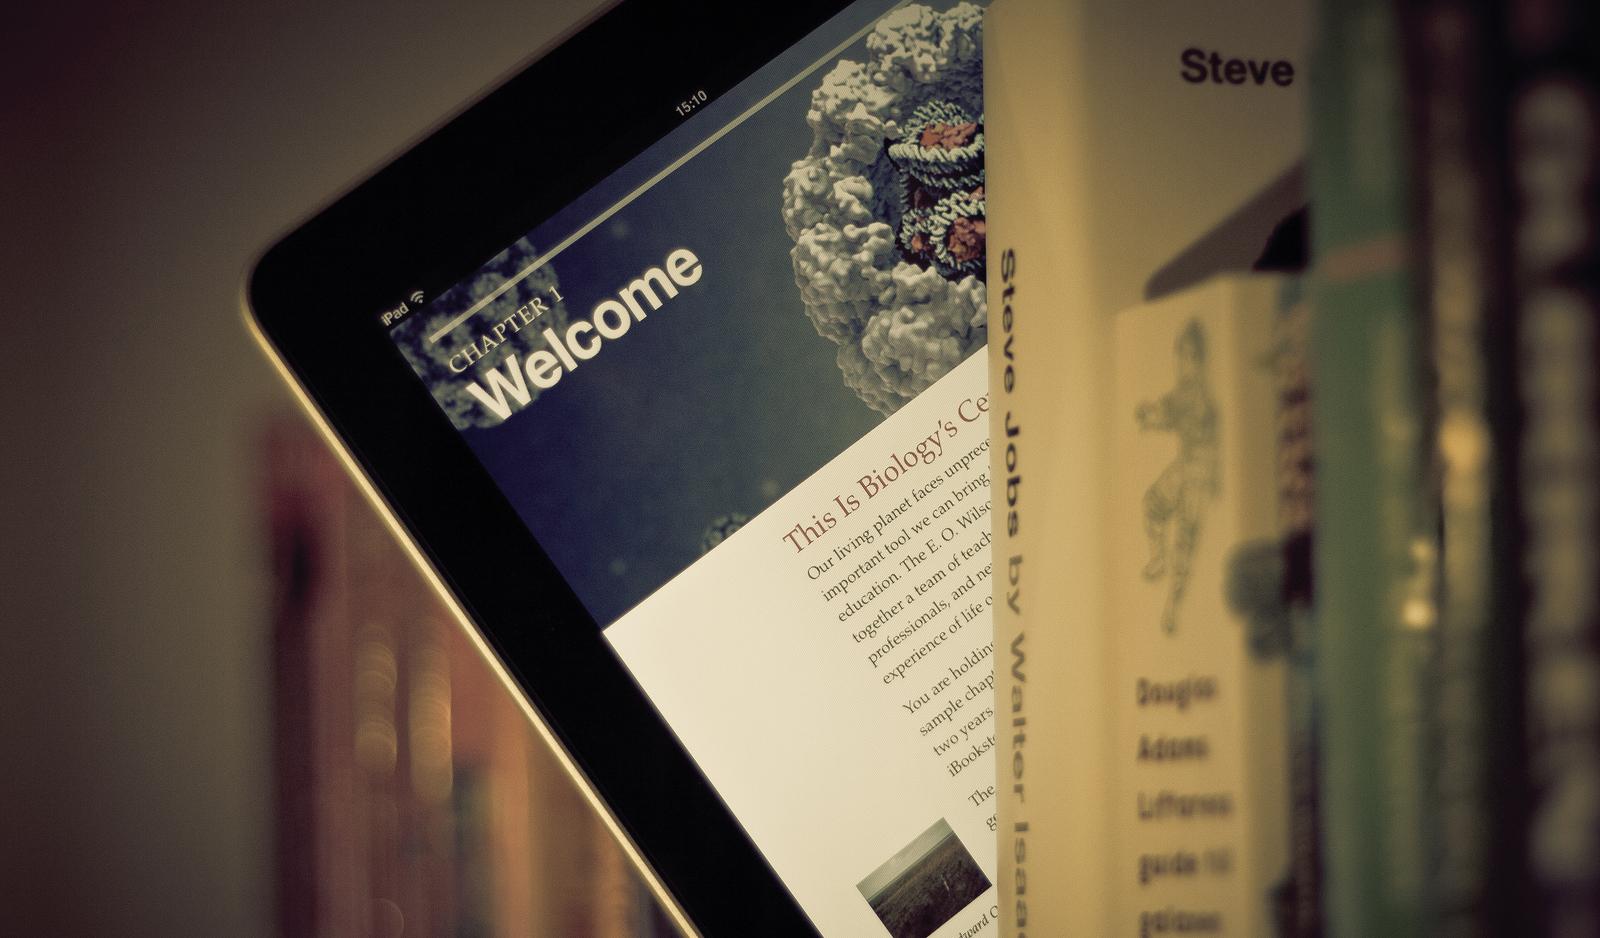 Al tempo di internet: come cambiano i materiali di studio e la storia da studiare